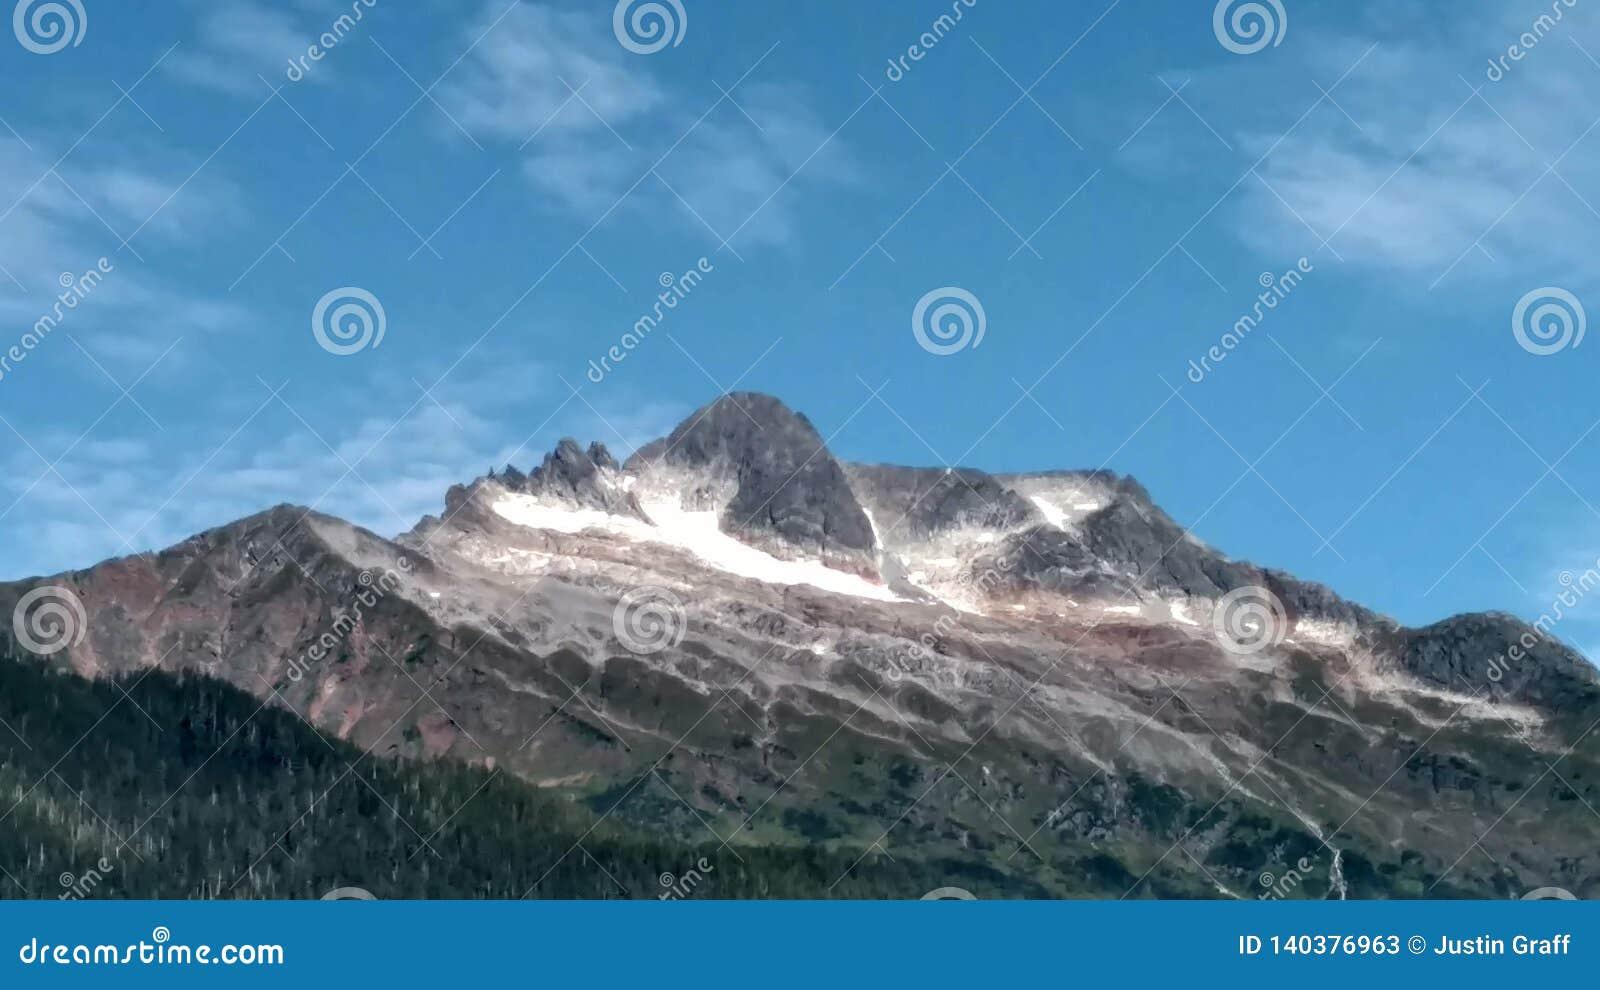 Снег покрыл верхнюю часть горы под голубым небом с wispy облаками